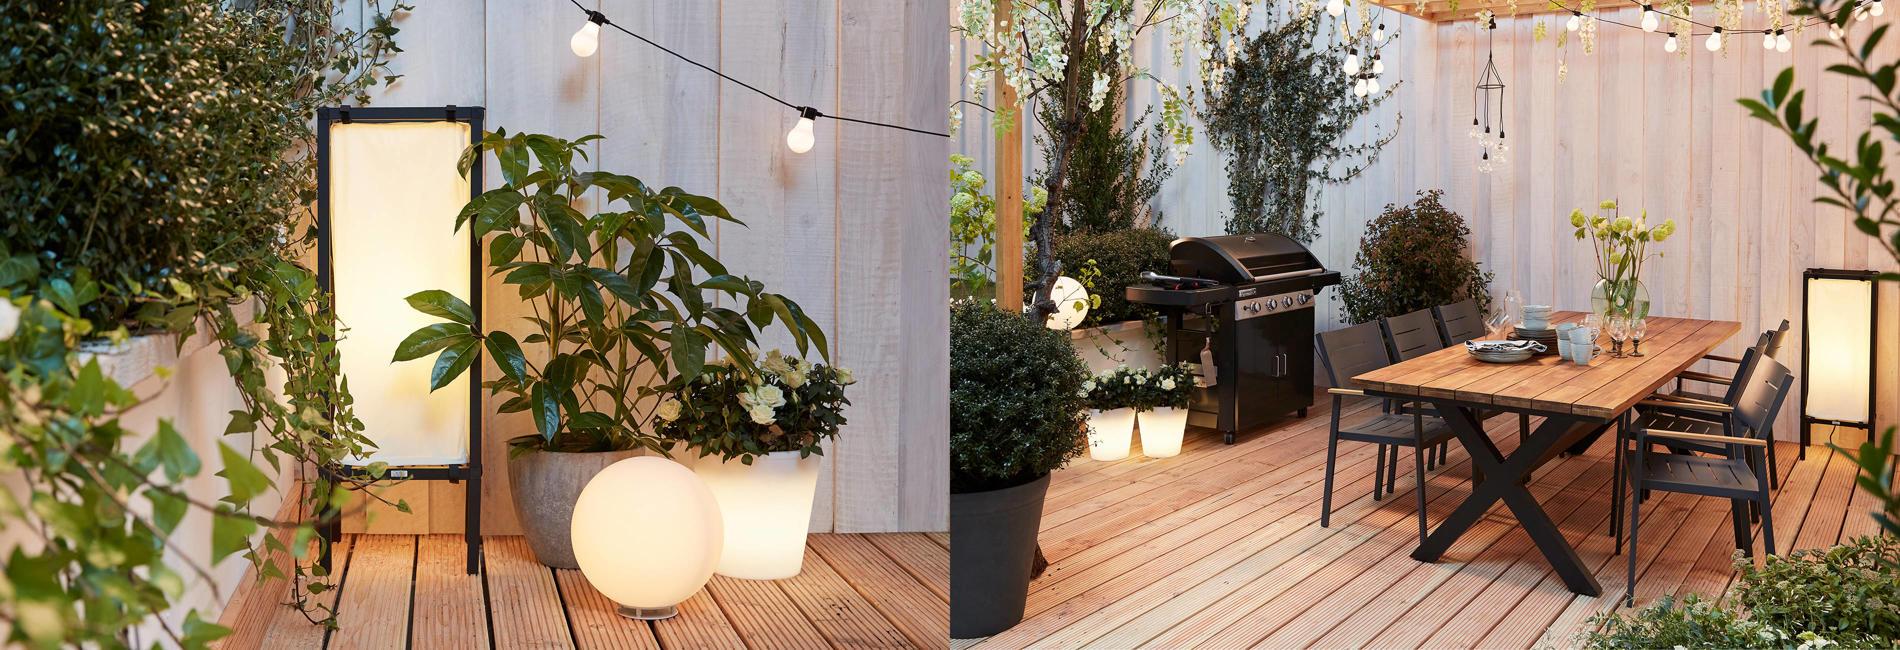 Homepage: Home & garden - woonmaand week 16 2021